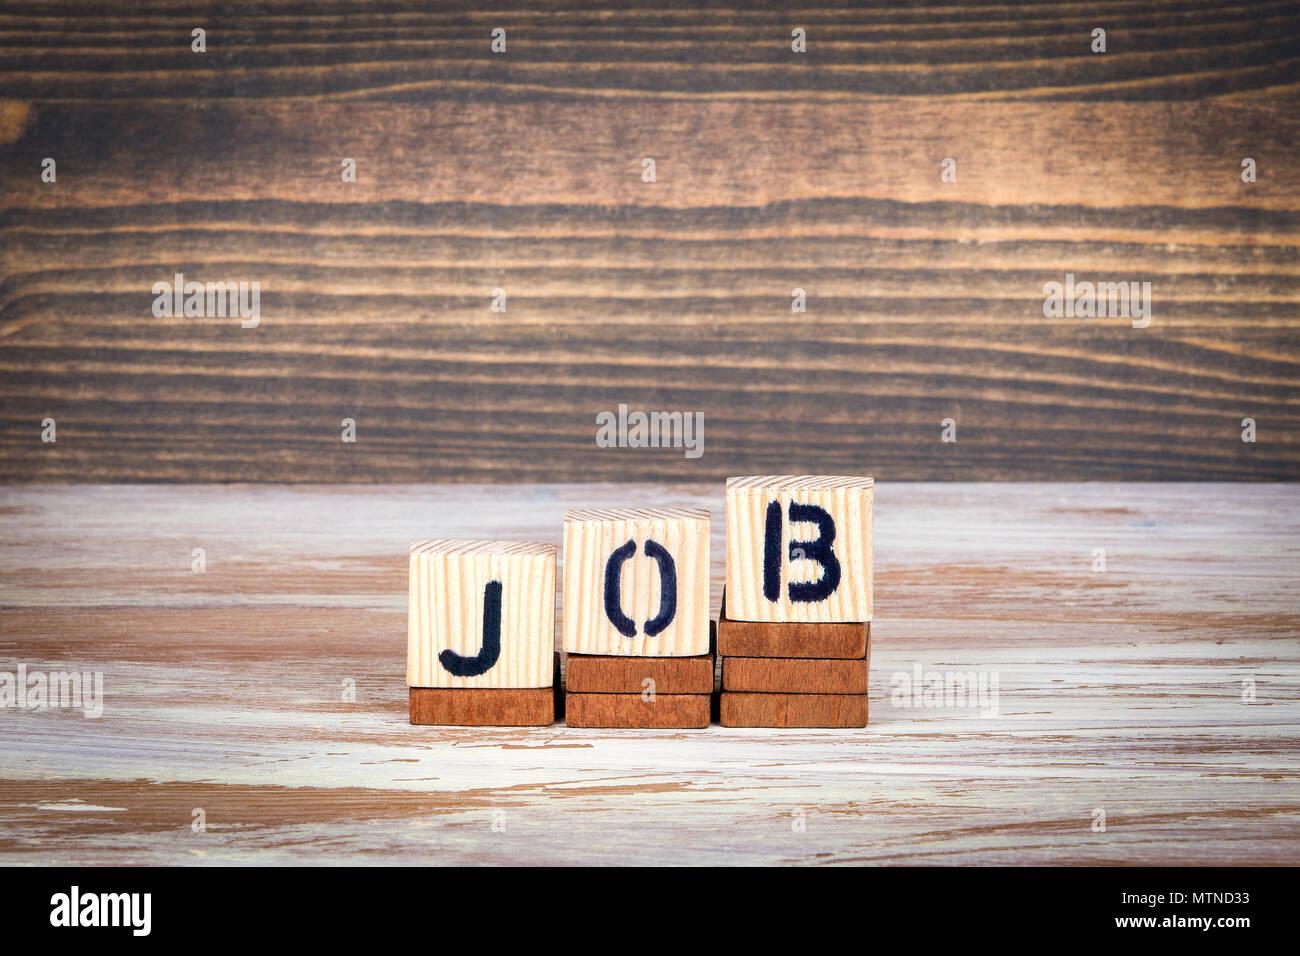 Emploi, carrière et les affaires, l'éducation concept. Lettres en bois sur le bureau d'information et de la communication, bureau arrière-plan Photo Stock